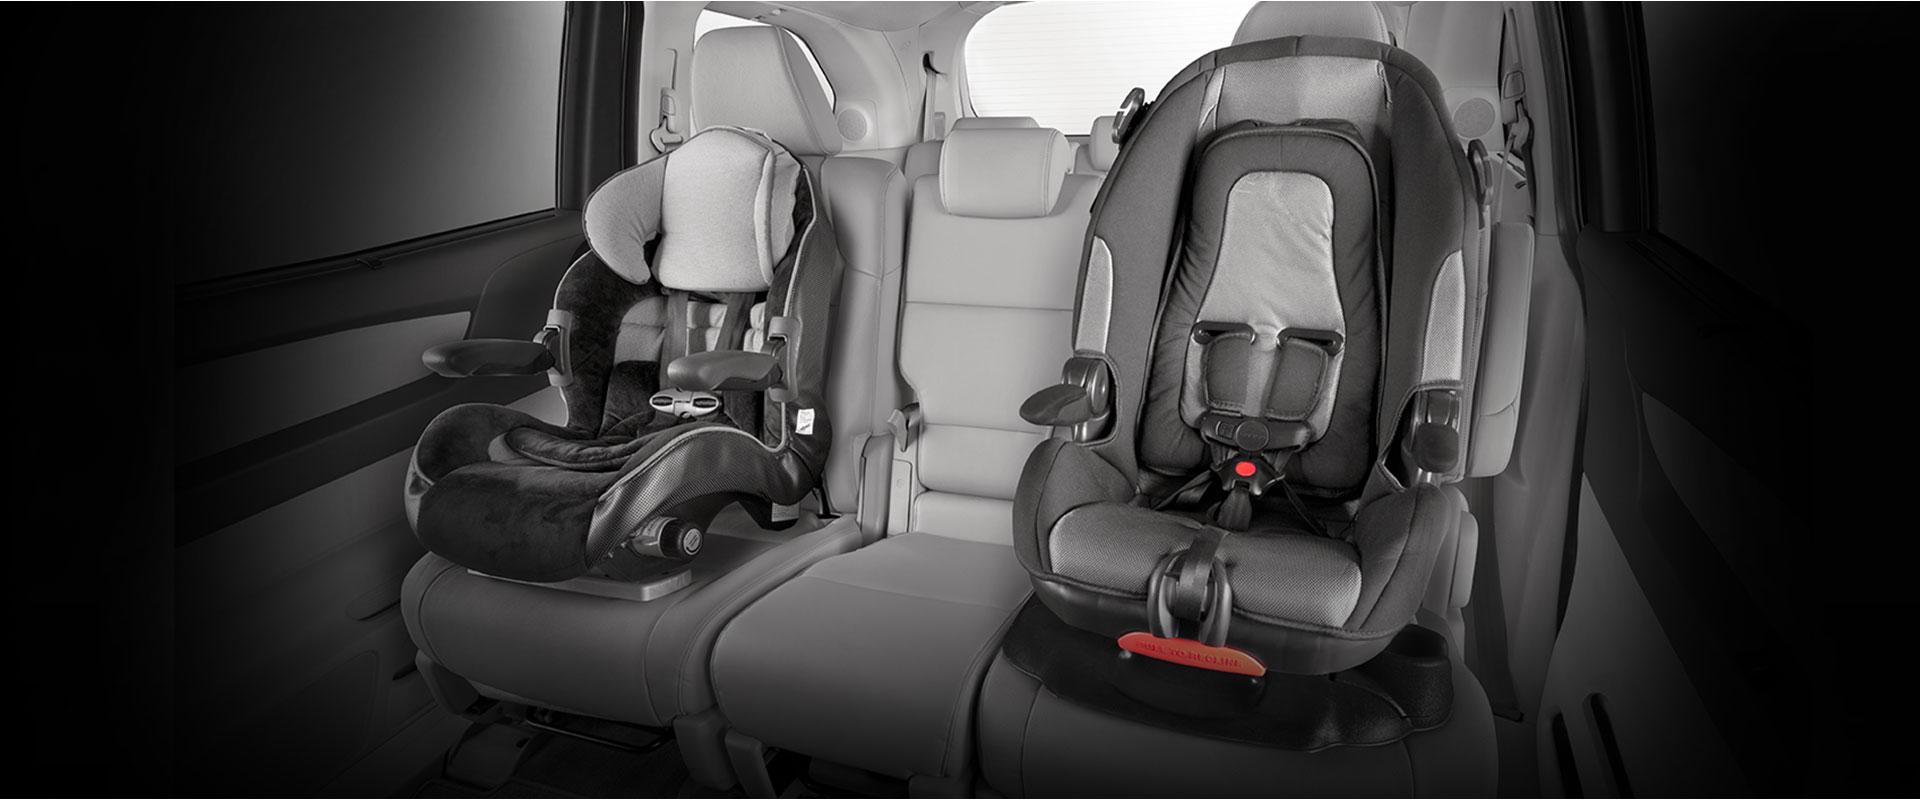 2017 Honda Odyssey child seats